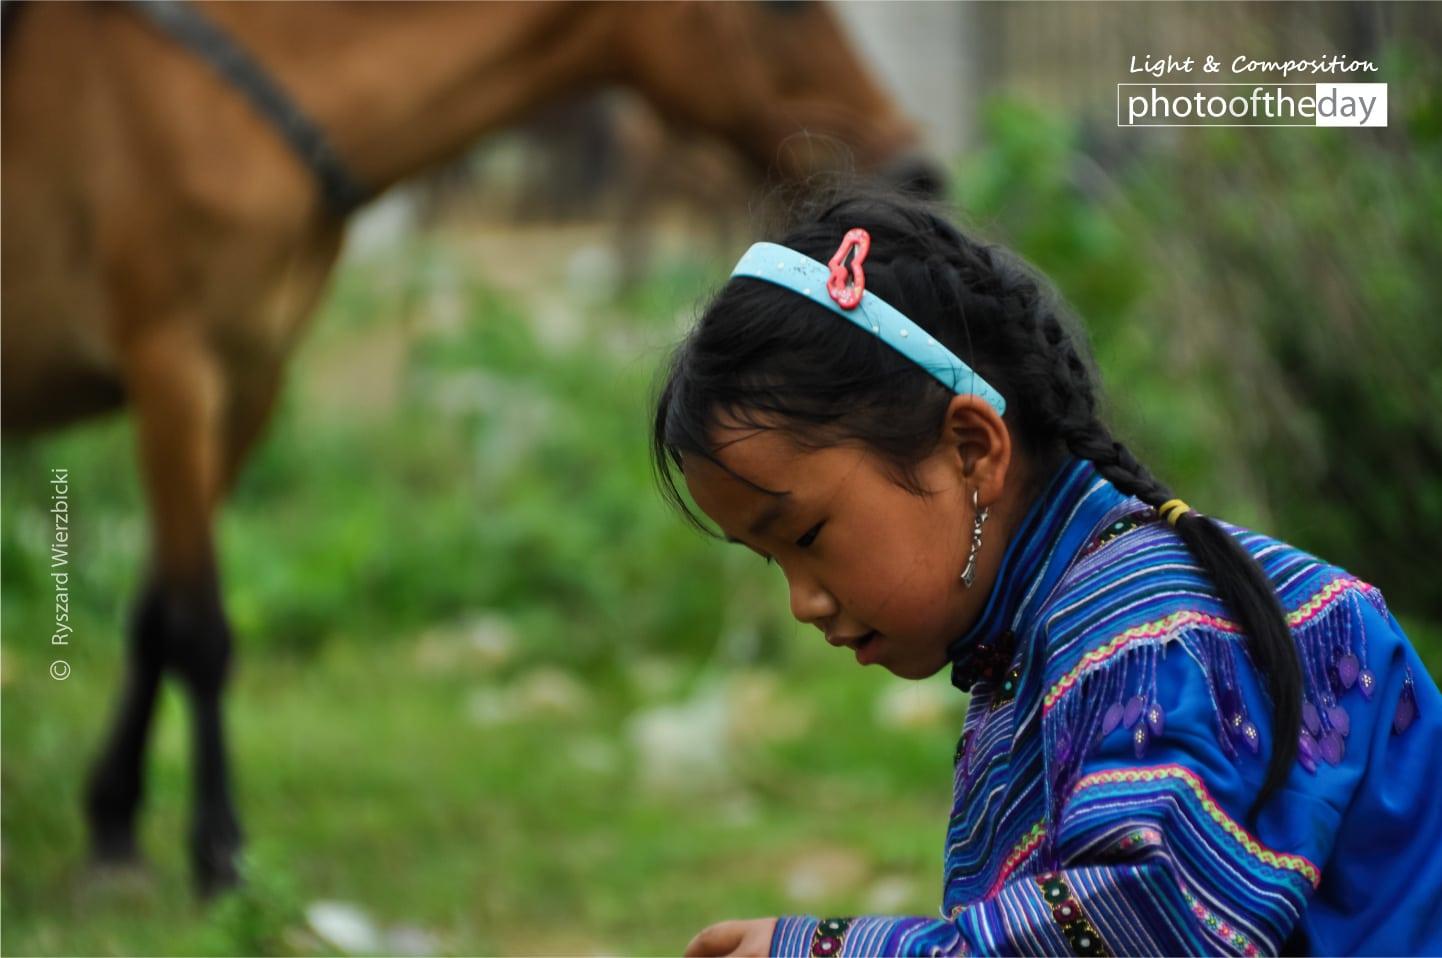 A Sapa Girl and a Horse by Ryszard Wierzbicki